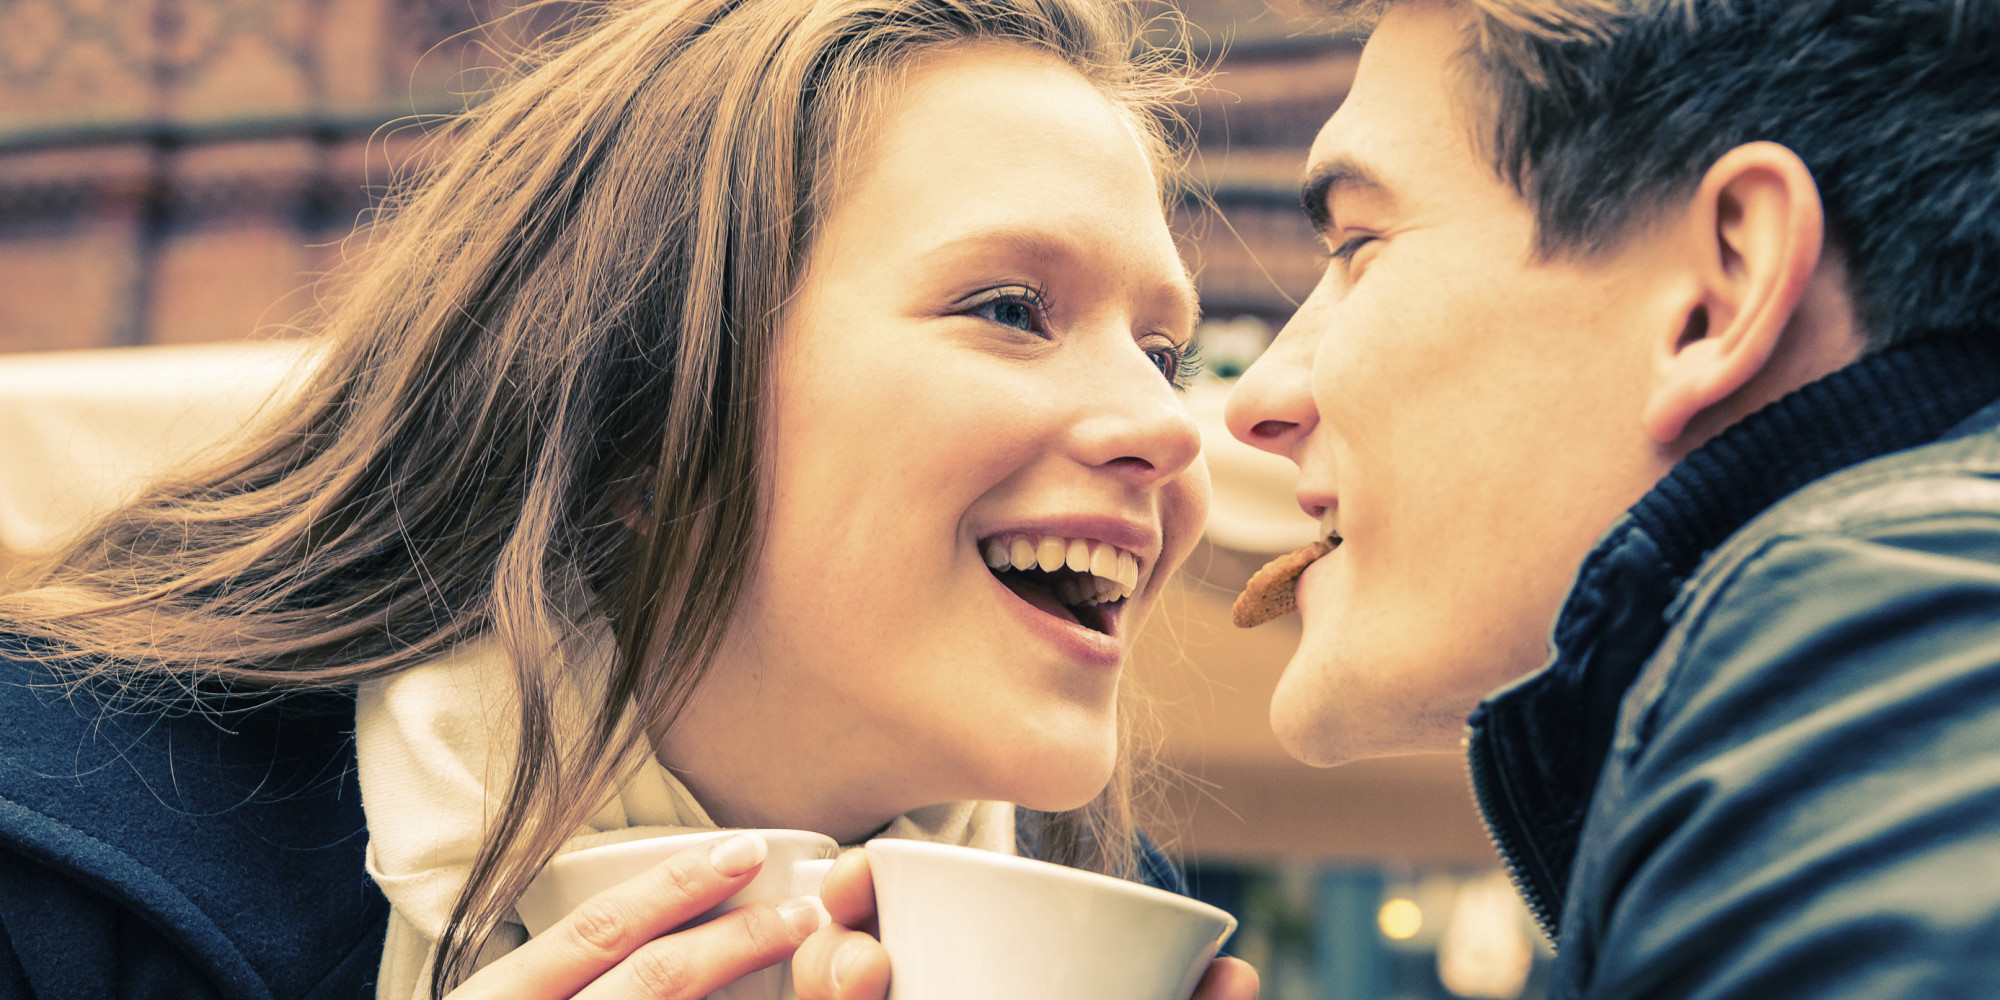 Sexuelle Schwingung: 17 erstaunliche Regeln für die